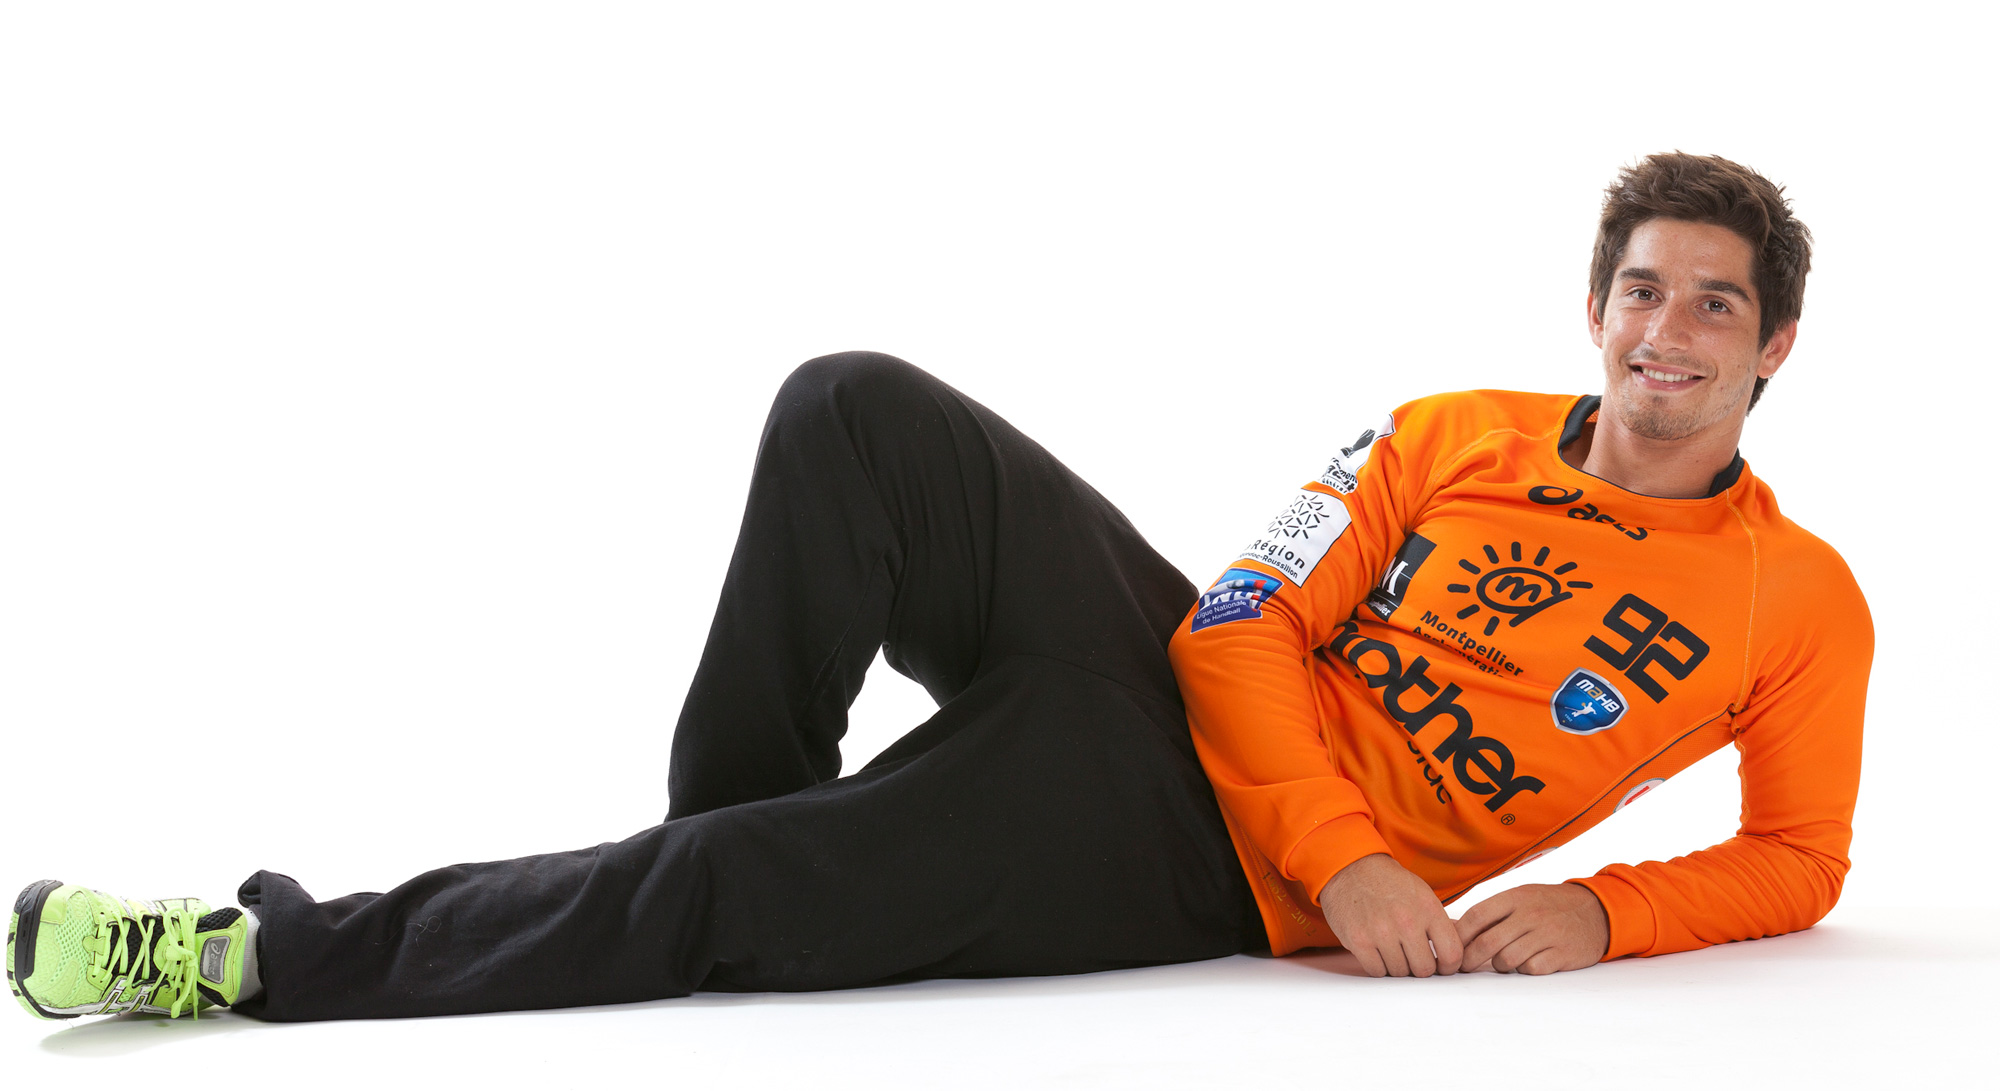 Saison 2012-2013, photo de pré-saison   Rémi Desbonnet est alors pensionnaire du centre de formation du Montpellier Handball